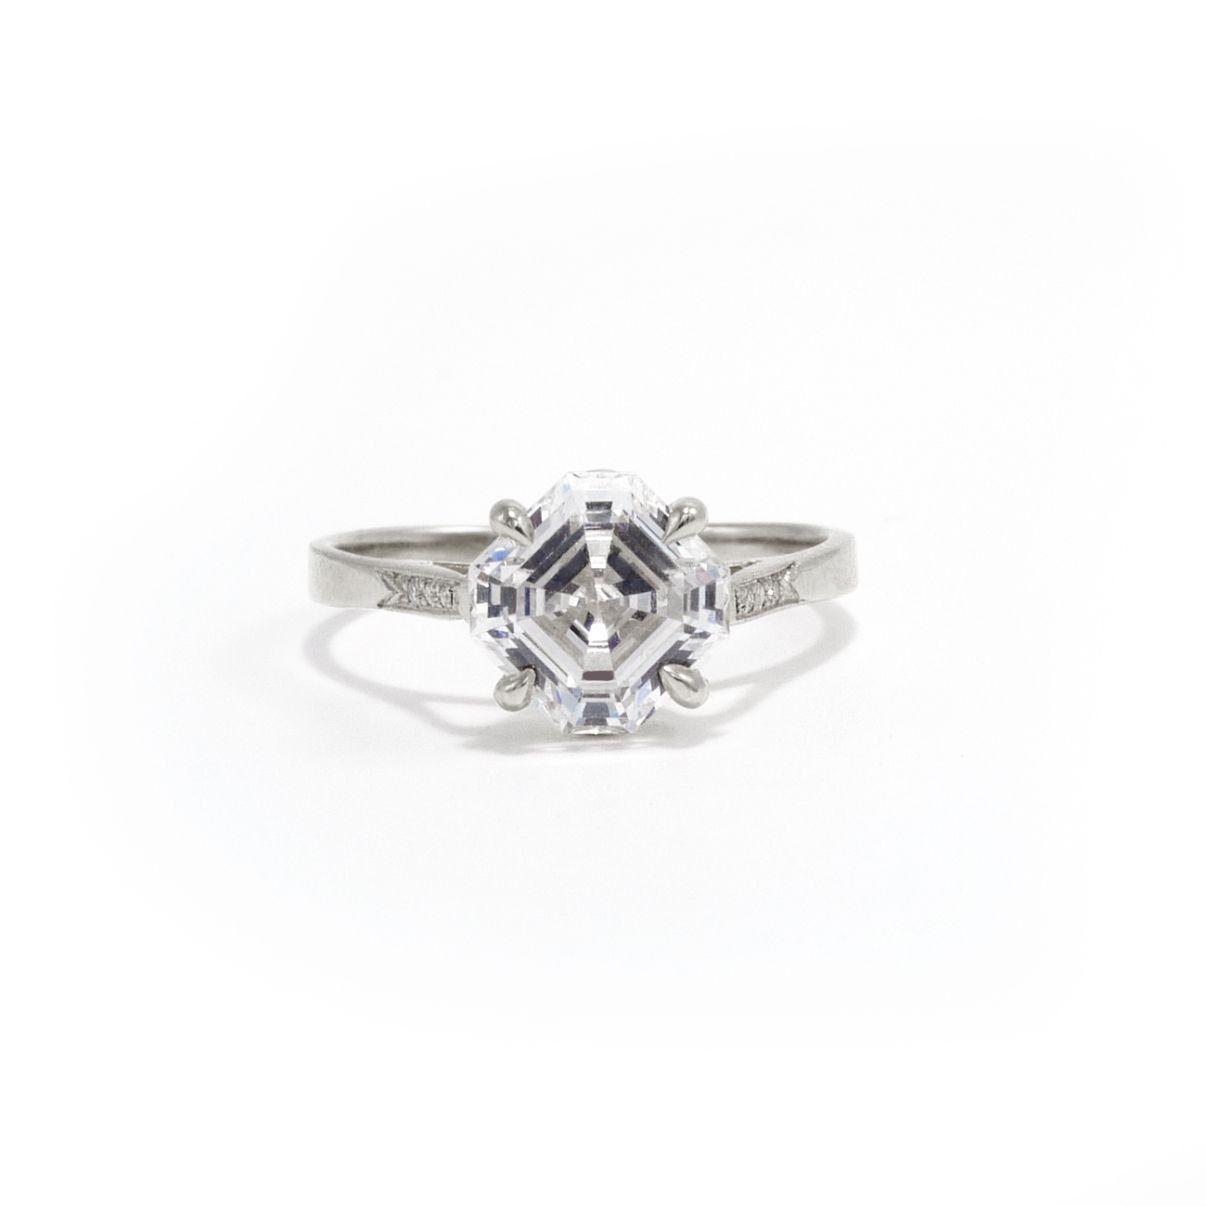 Ashley Zhang Asscher Cut Engagement Ring